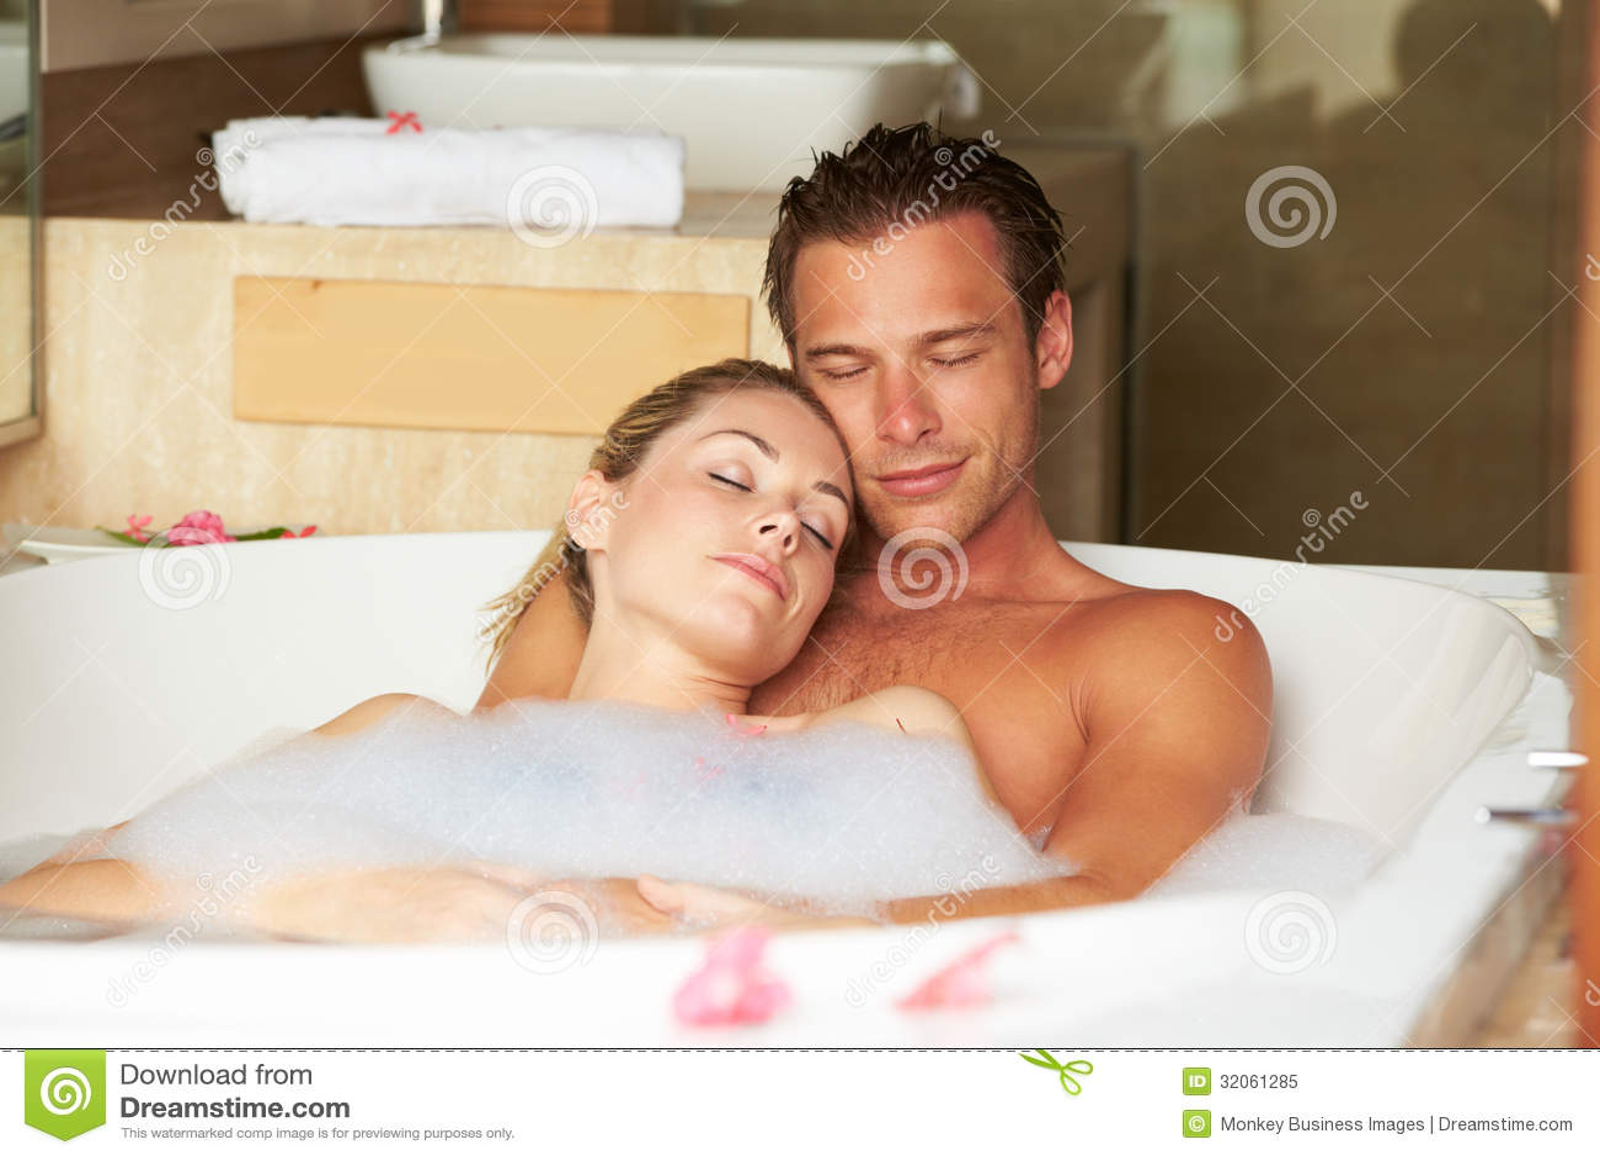 Фото парень и девушка в ванной 11 фотография